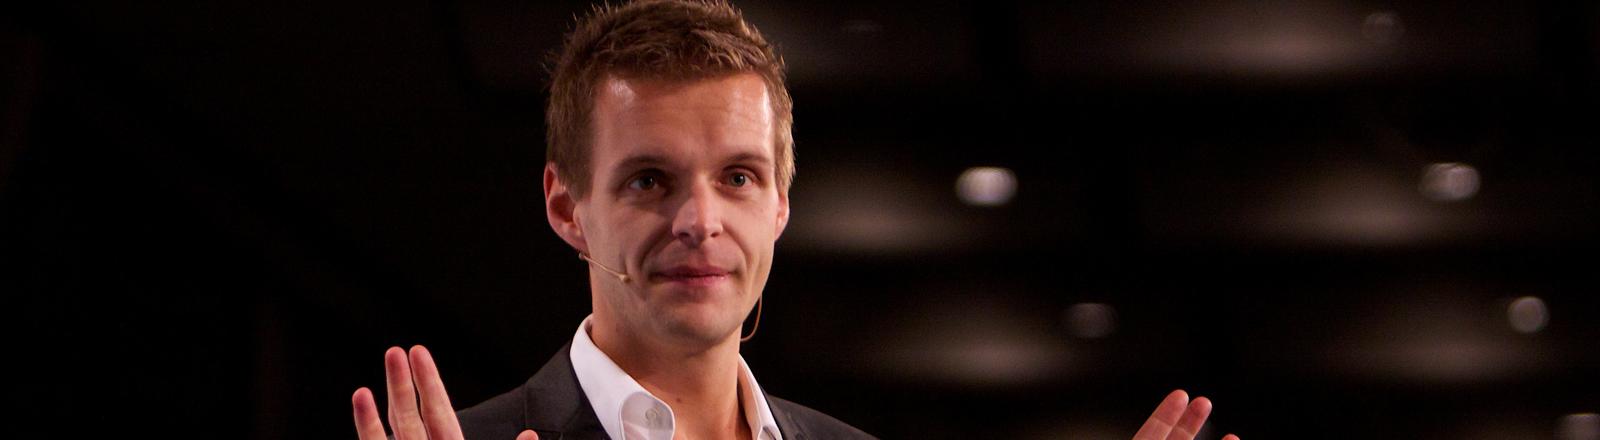 Kabarettist und Comedian Florian Schroeder